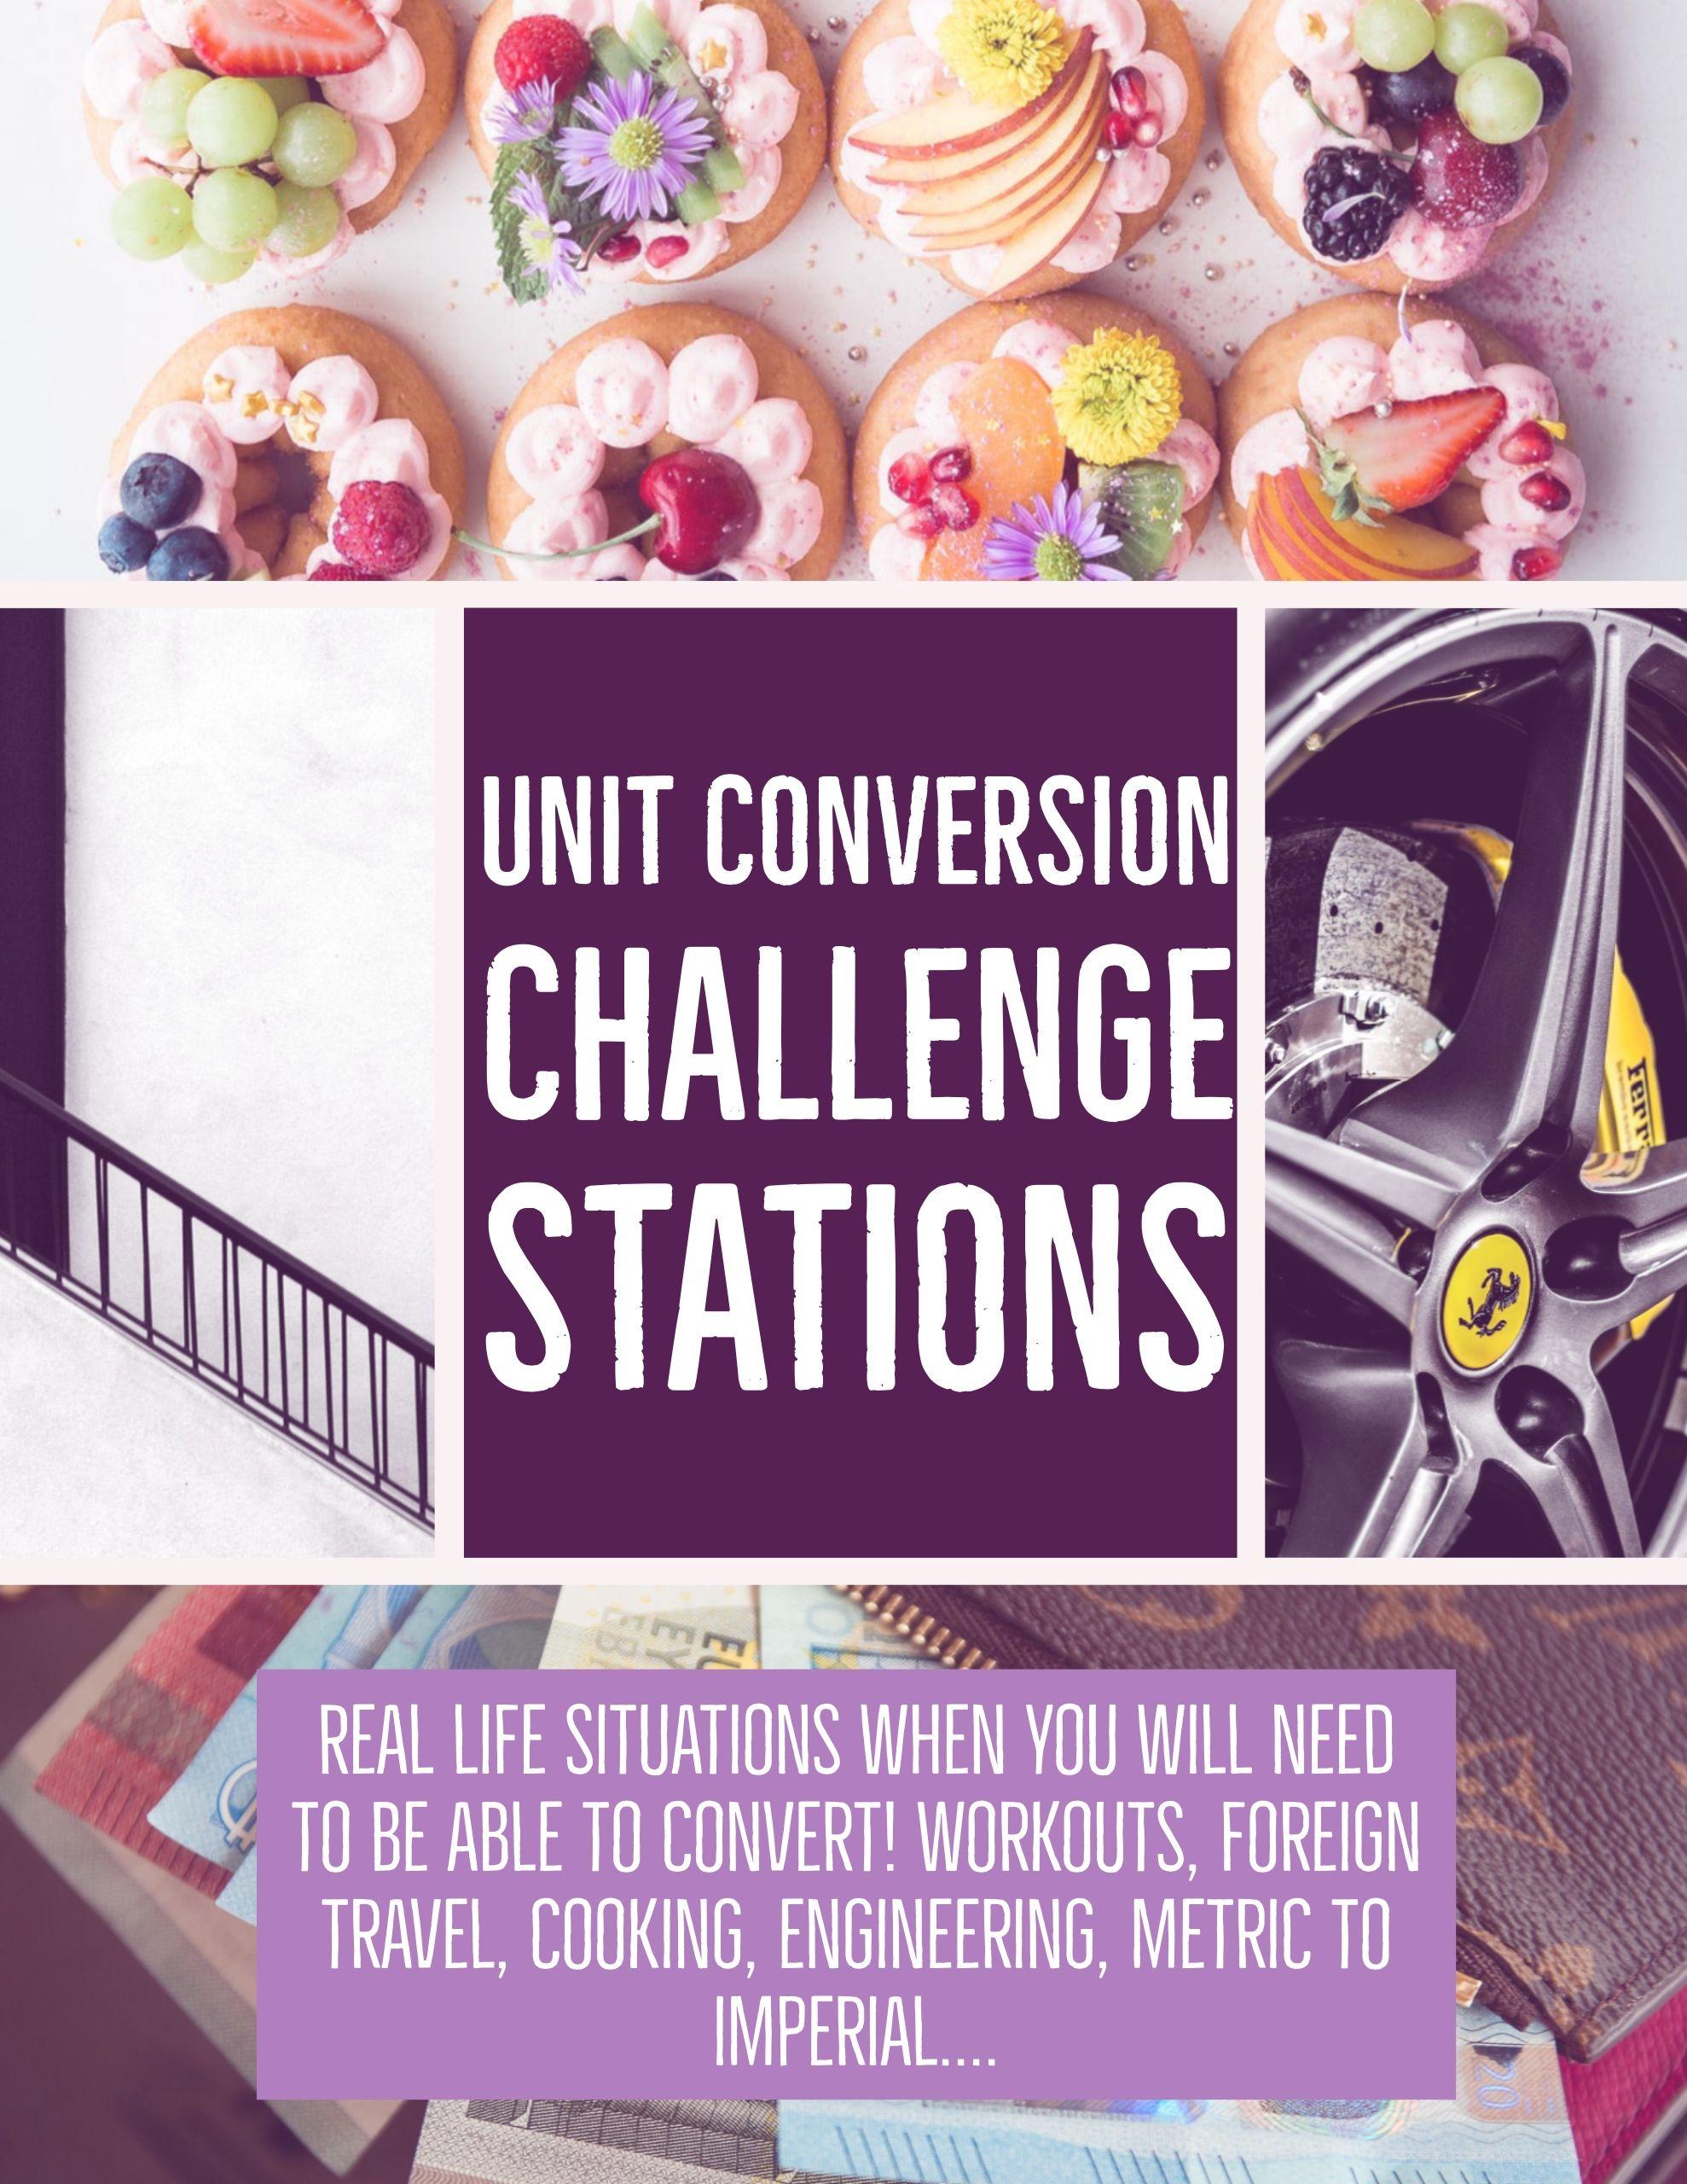 Unit Conversion Unit Factor Method Challenge Stations